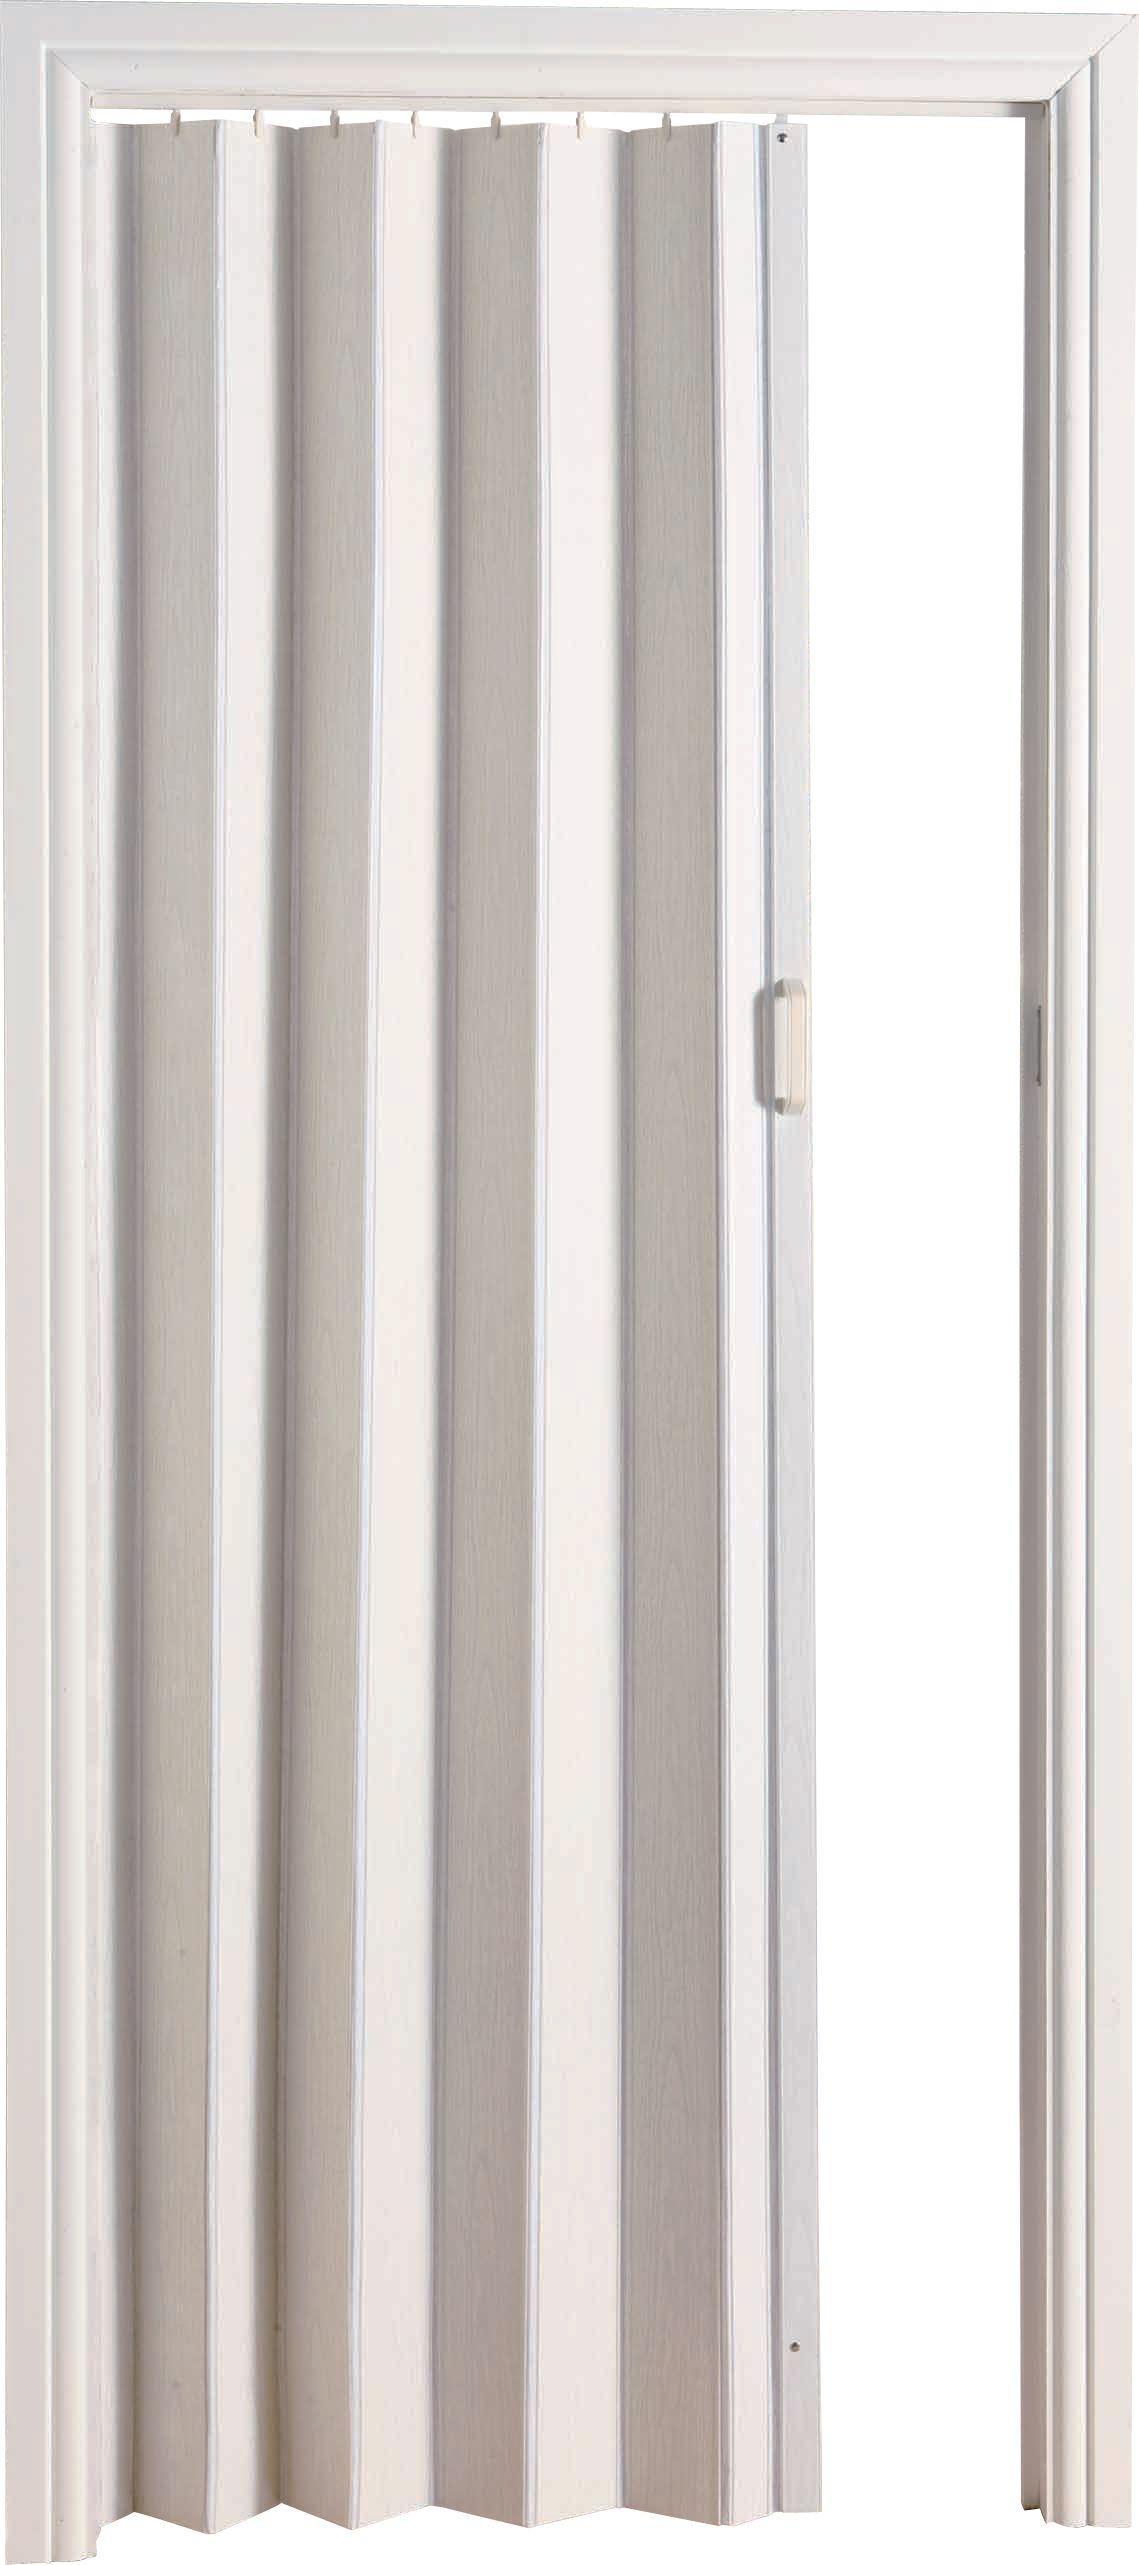 White Oak Effect Folding Door701/2761